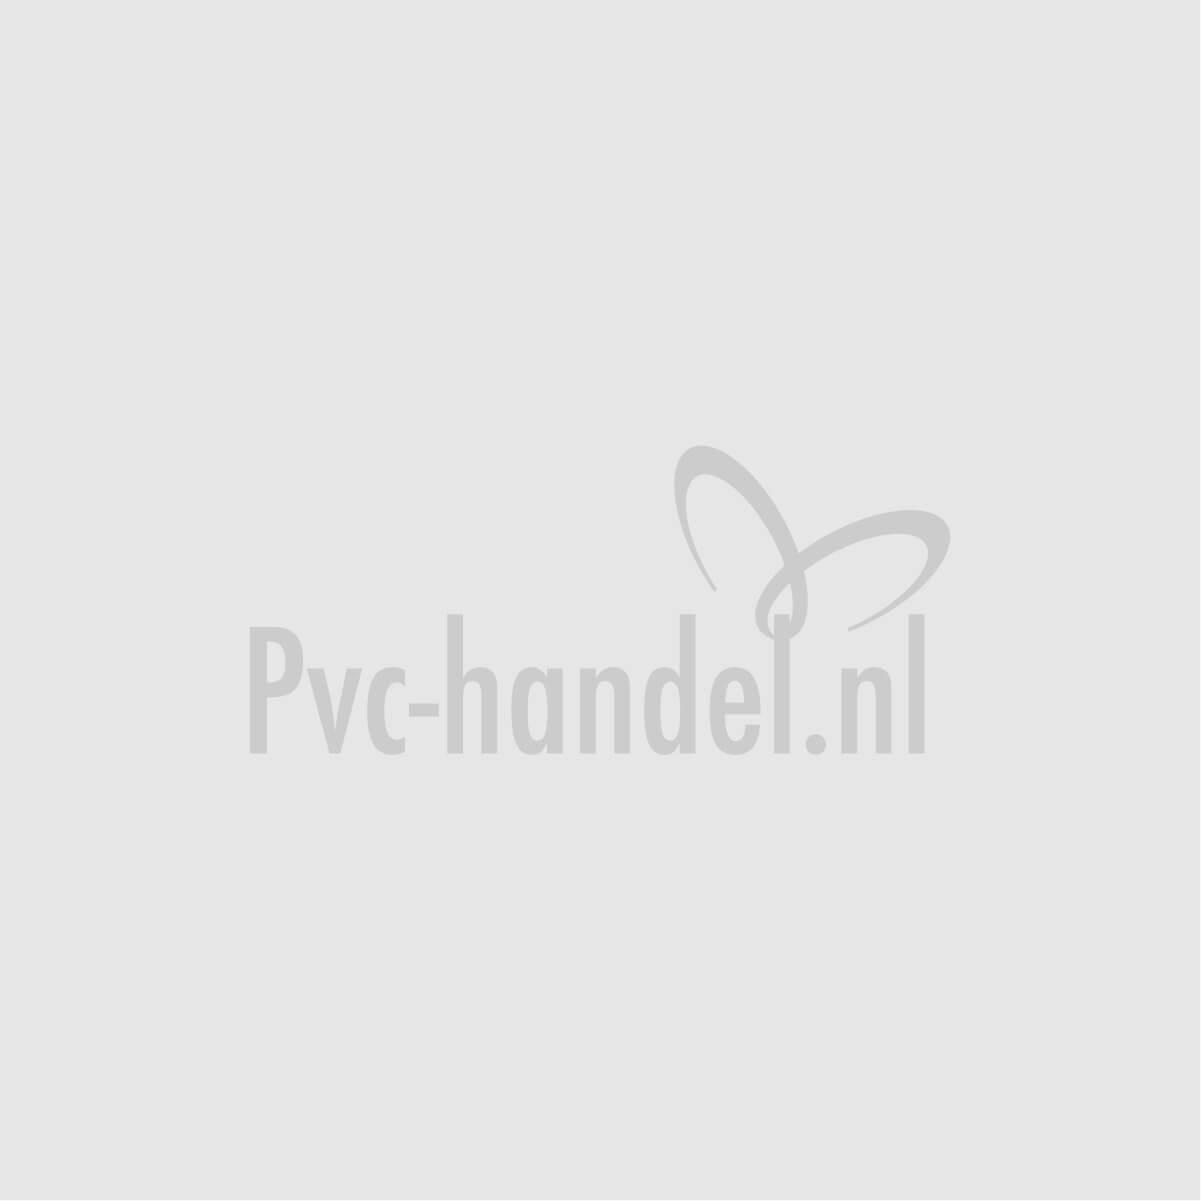 PVC draadkappen